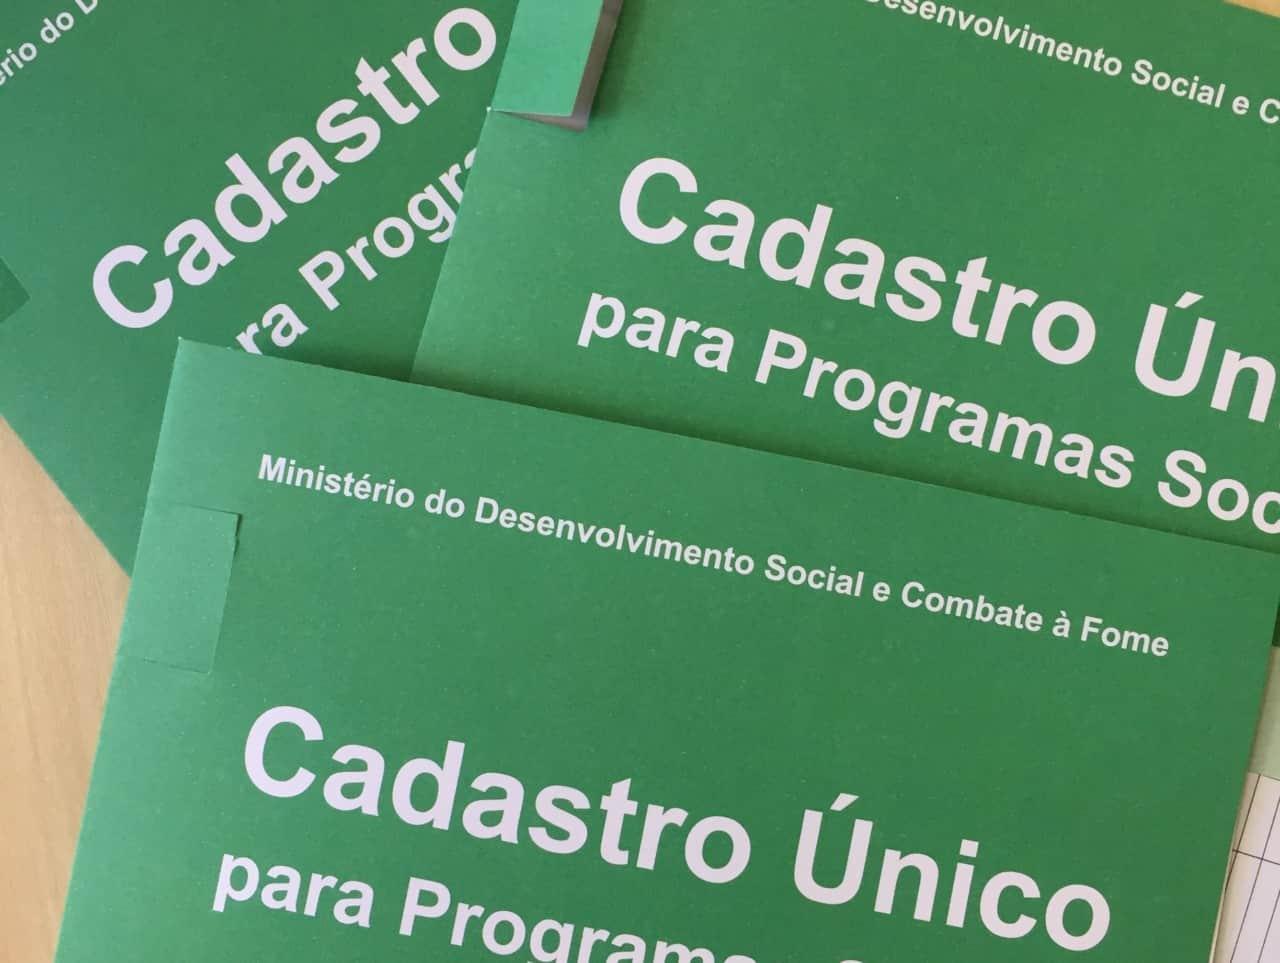 Capital do Espírito Santo inicia atualização de dados dos inscritos no CadÚnico